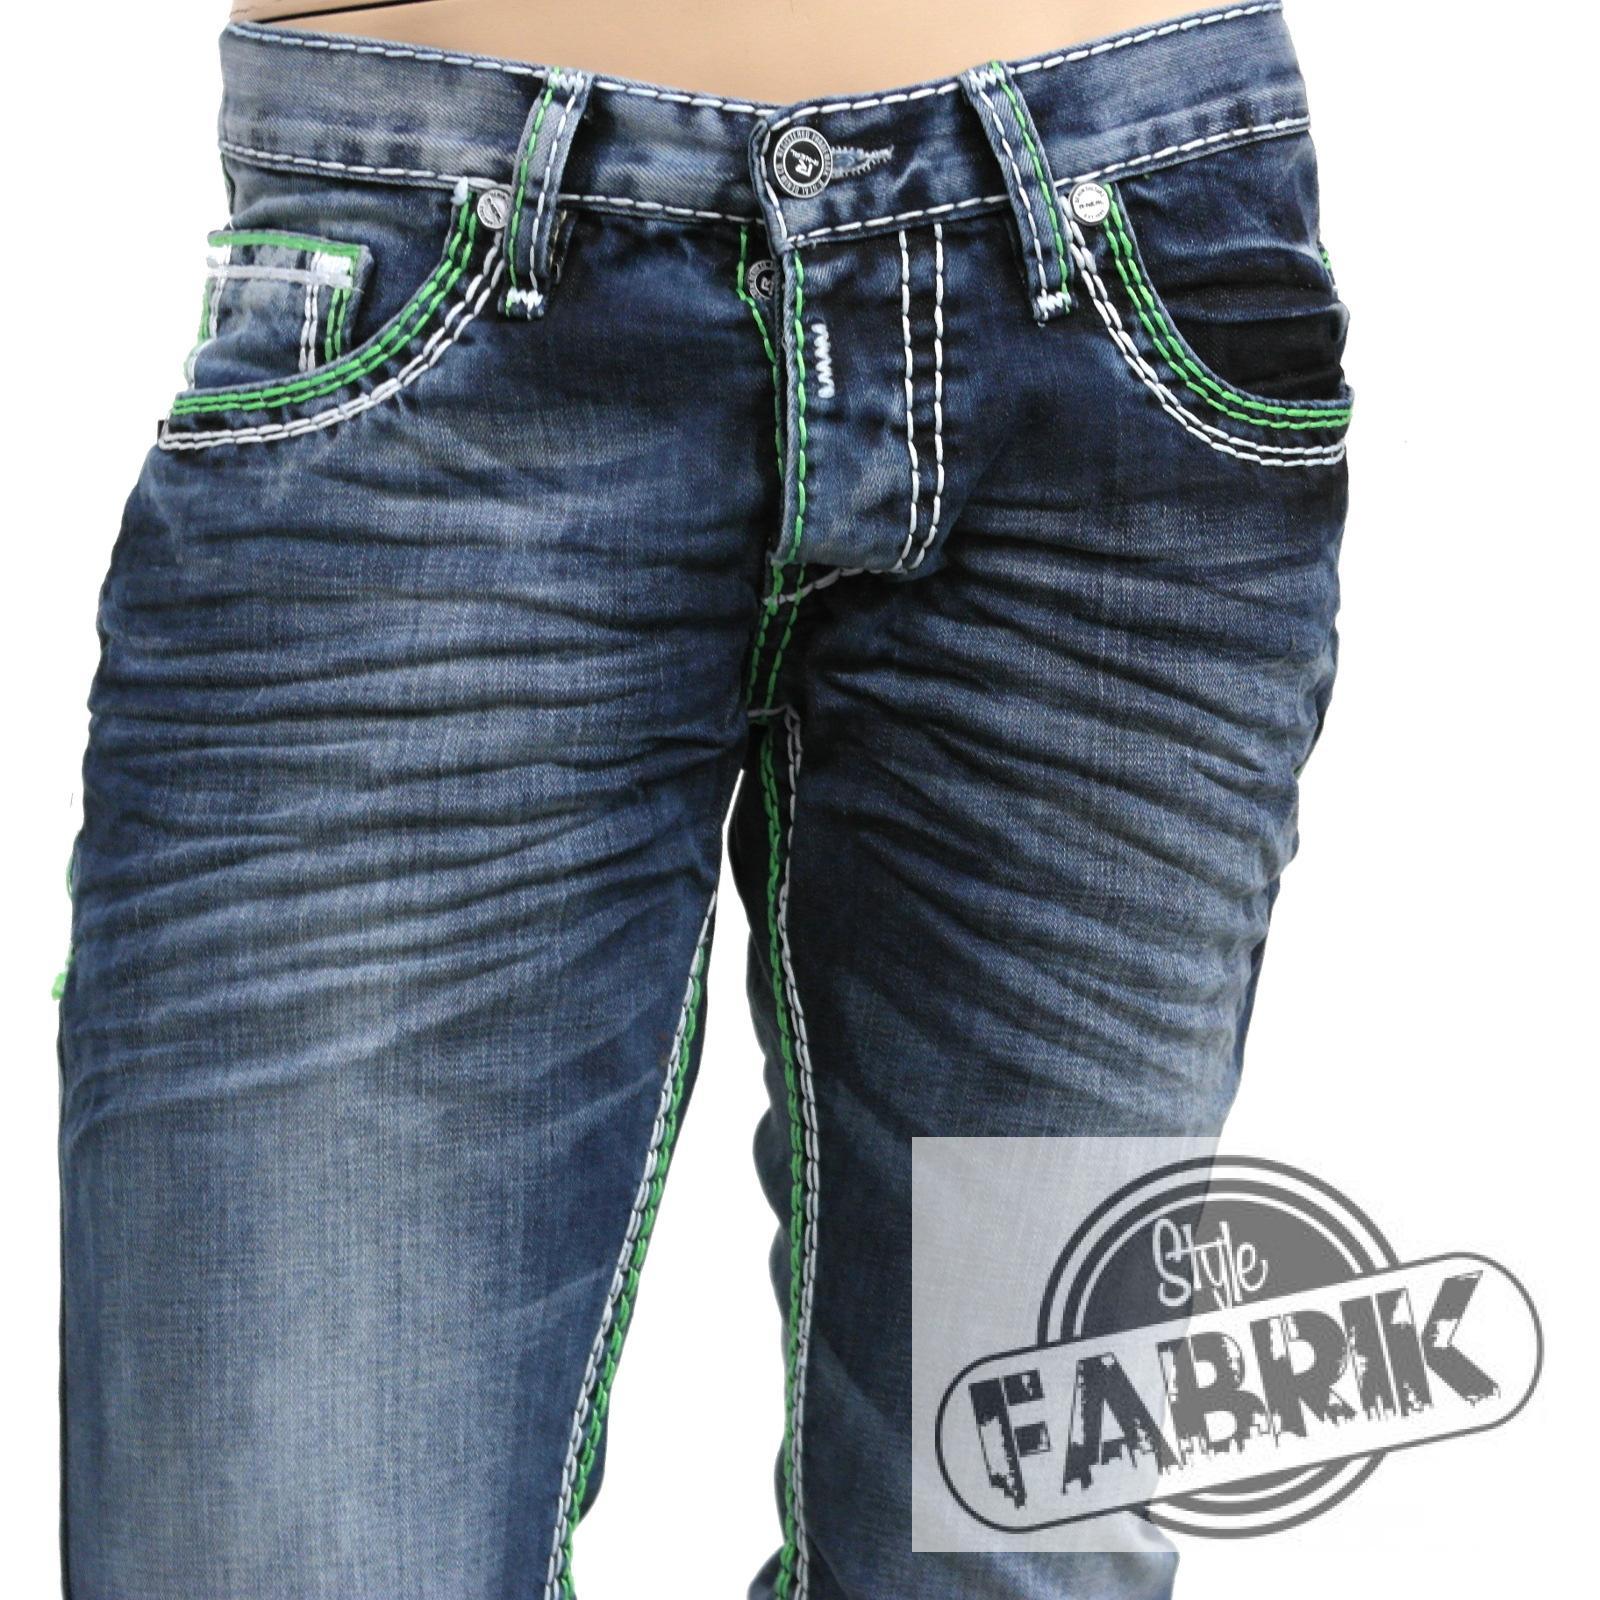 kleidung accessoires herrenmode jeans. Black Bedroom Furniture Sets. Home Design Ideas